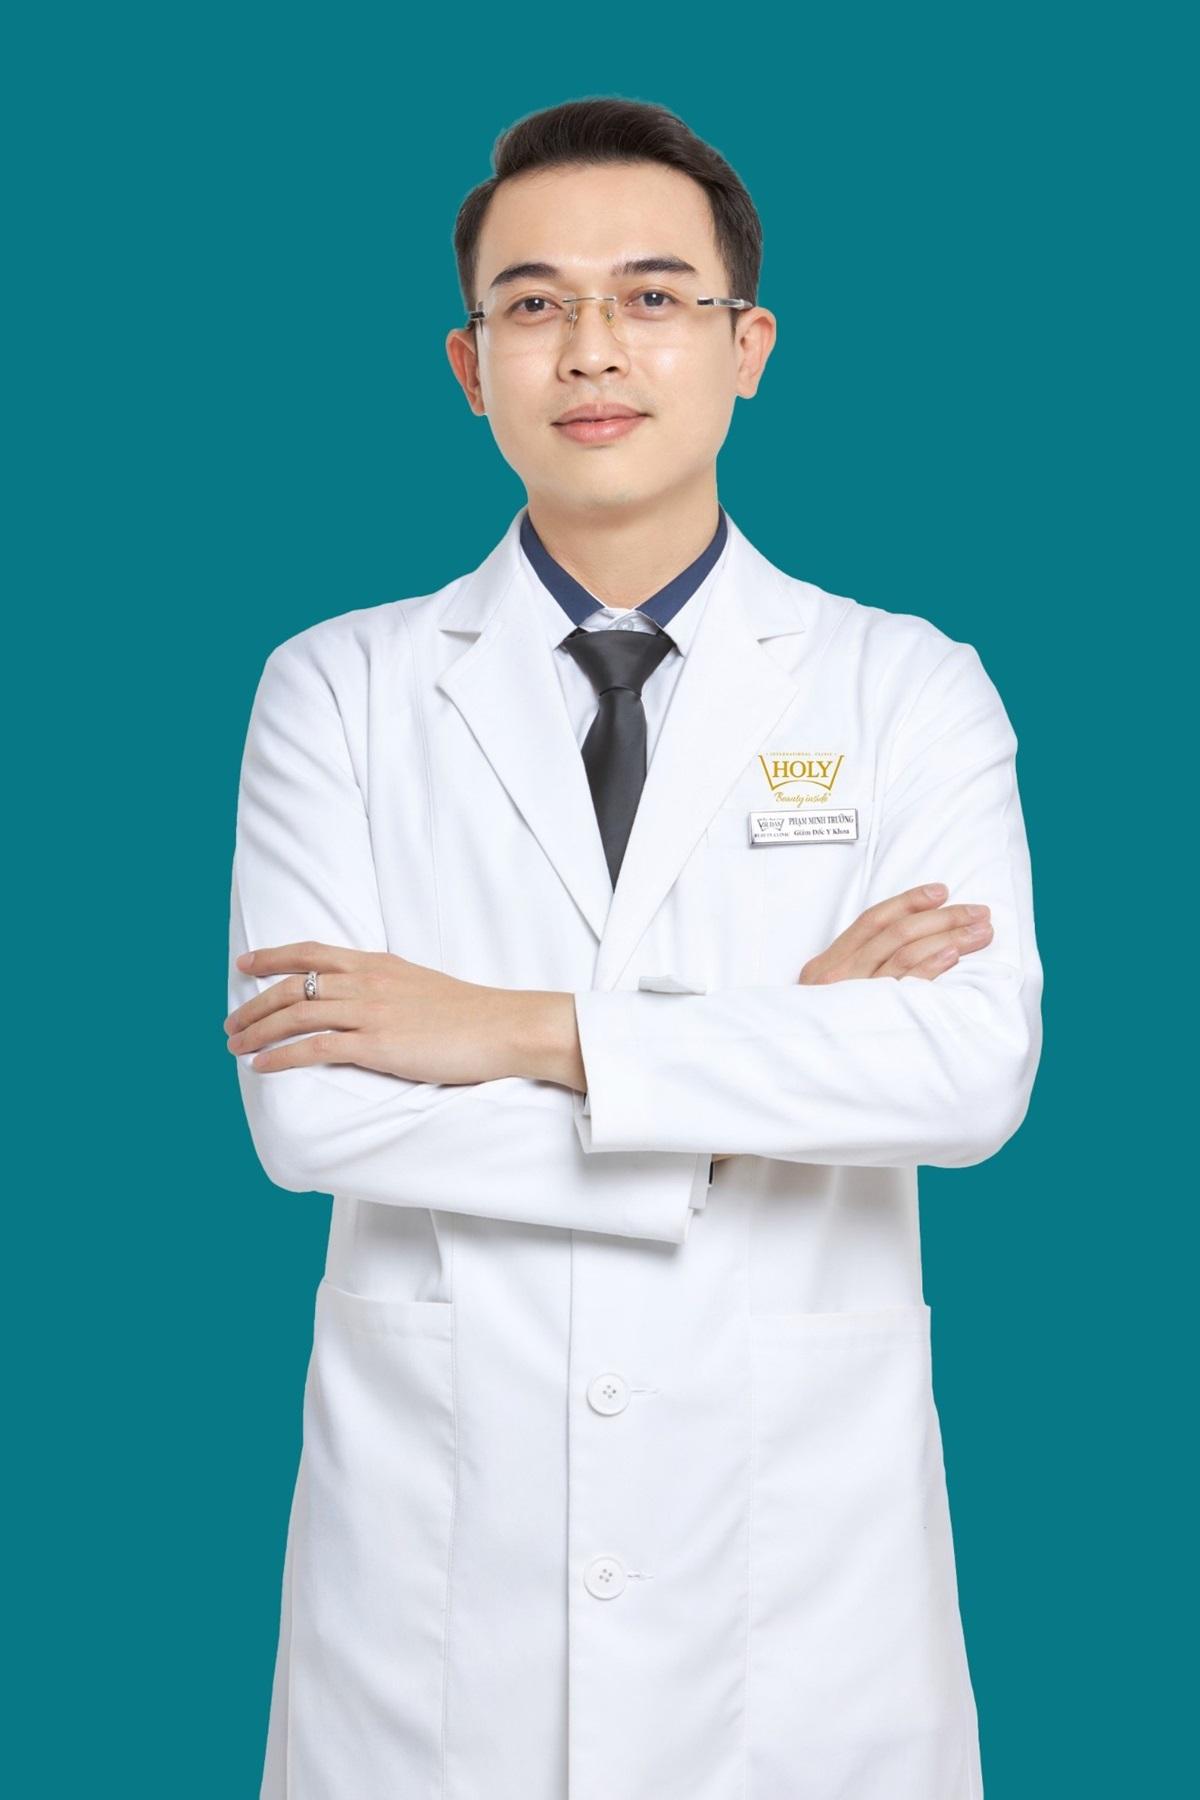 Bác sĩ Phạm Minh Trường có kinh nghiệm 10 năm trong lĩnh vực thẩm mỹ nội khoa.